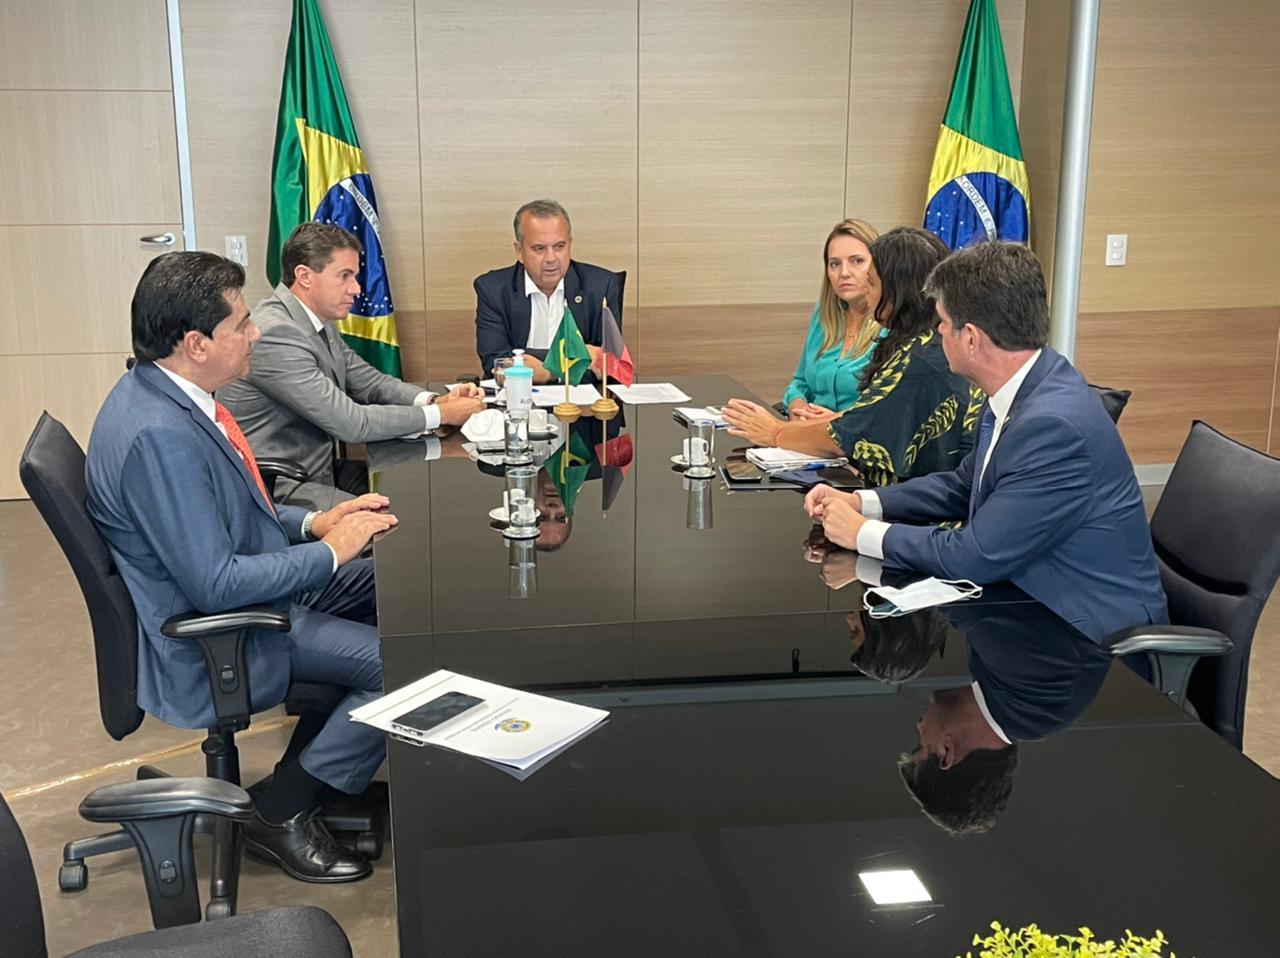 WhatsApp Image 2021 02 09 at 19.47.24 - Ruy defende investimentos nos municípios paraibanos em audiência no ministério do Desenvolvimento Regional